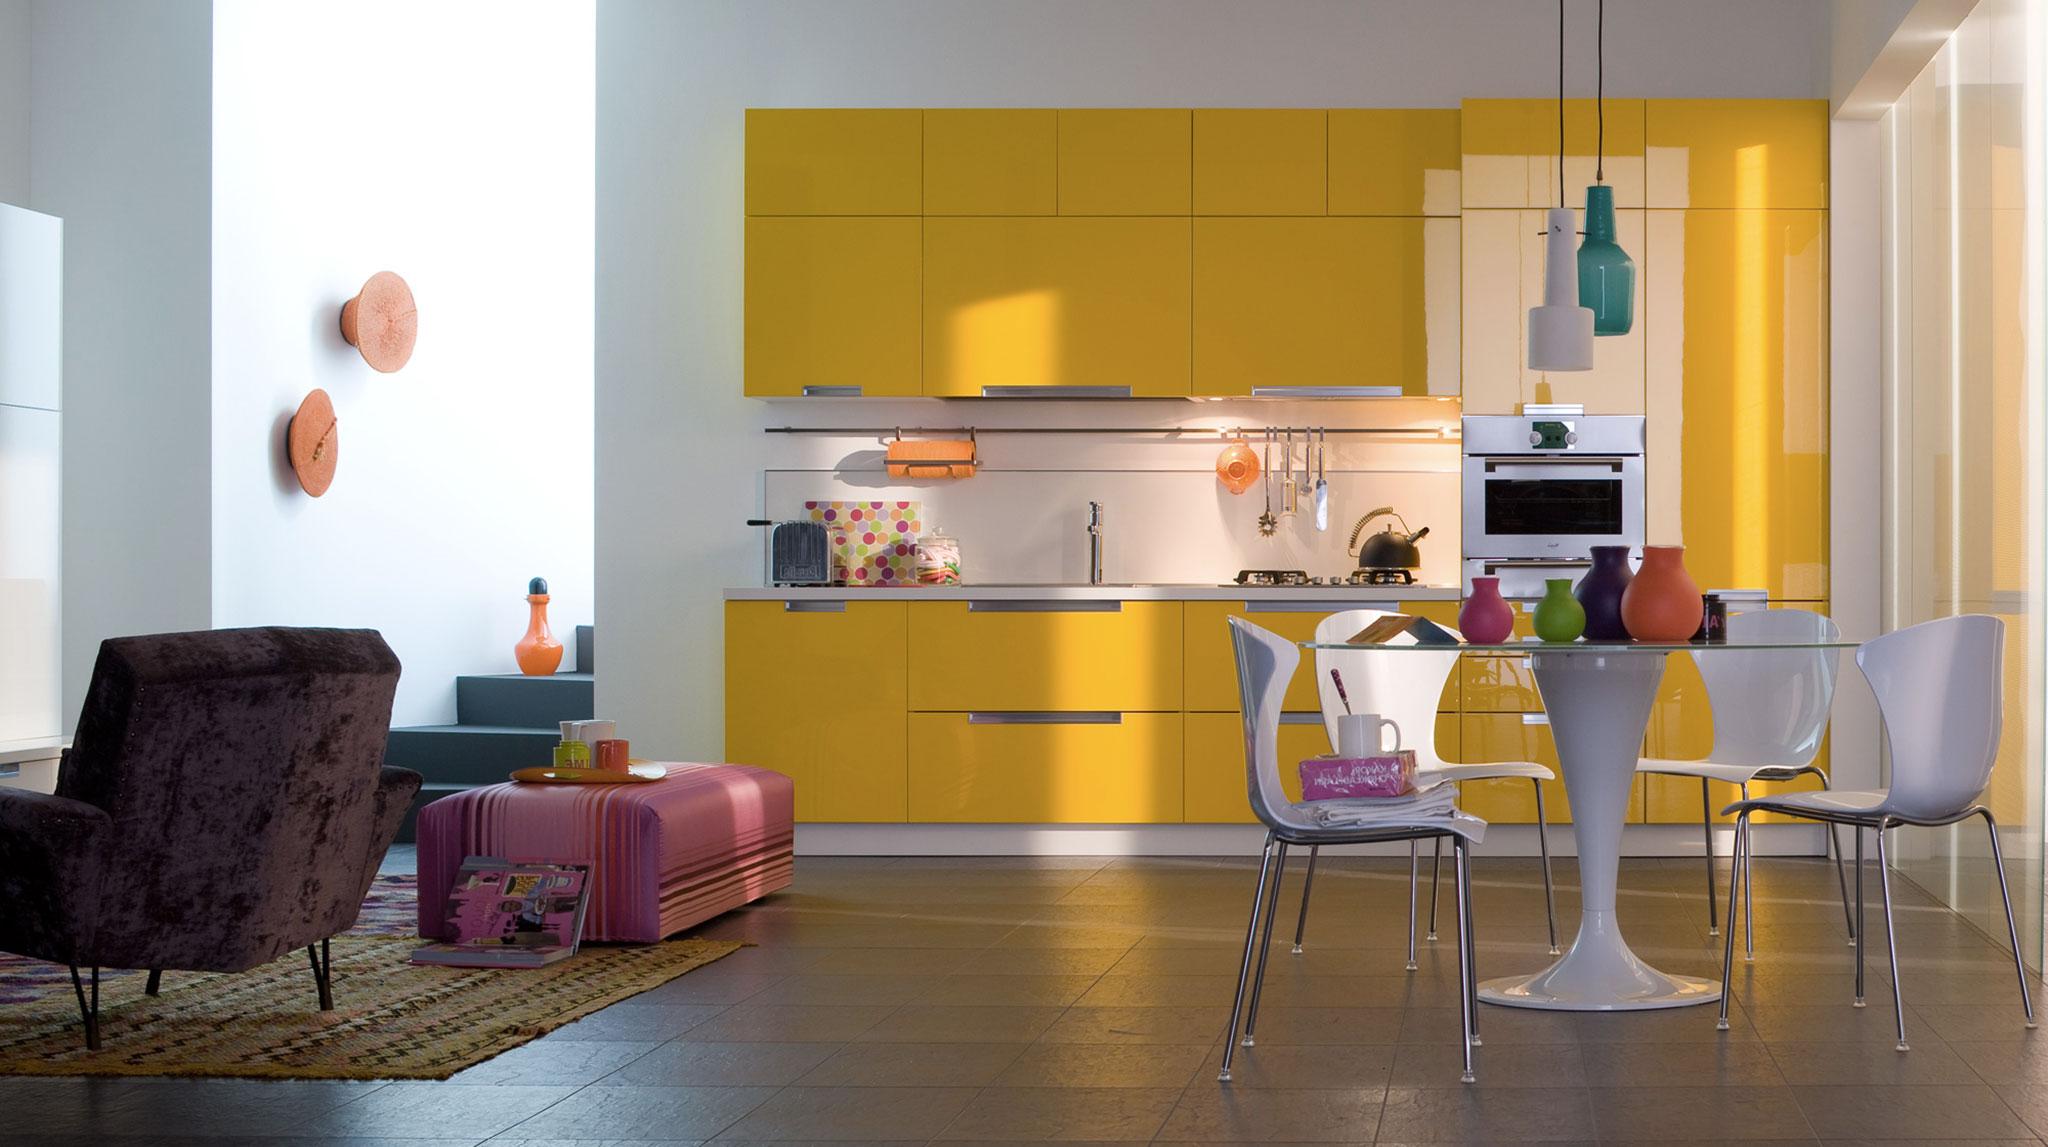 Déco cuisine : tentez la couleur jaune curry  Plans Pluriel